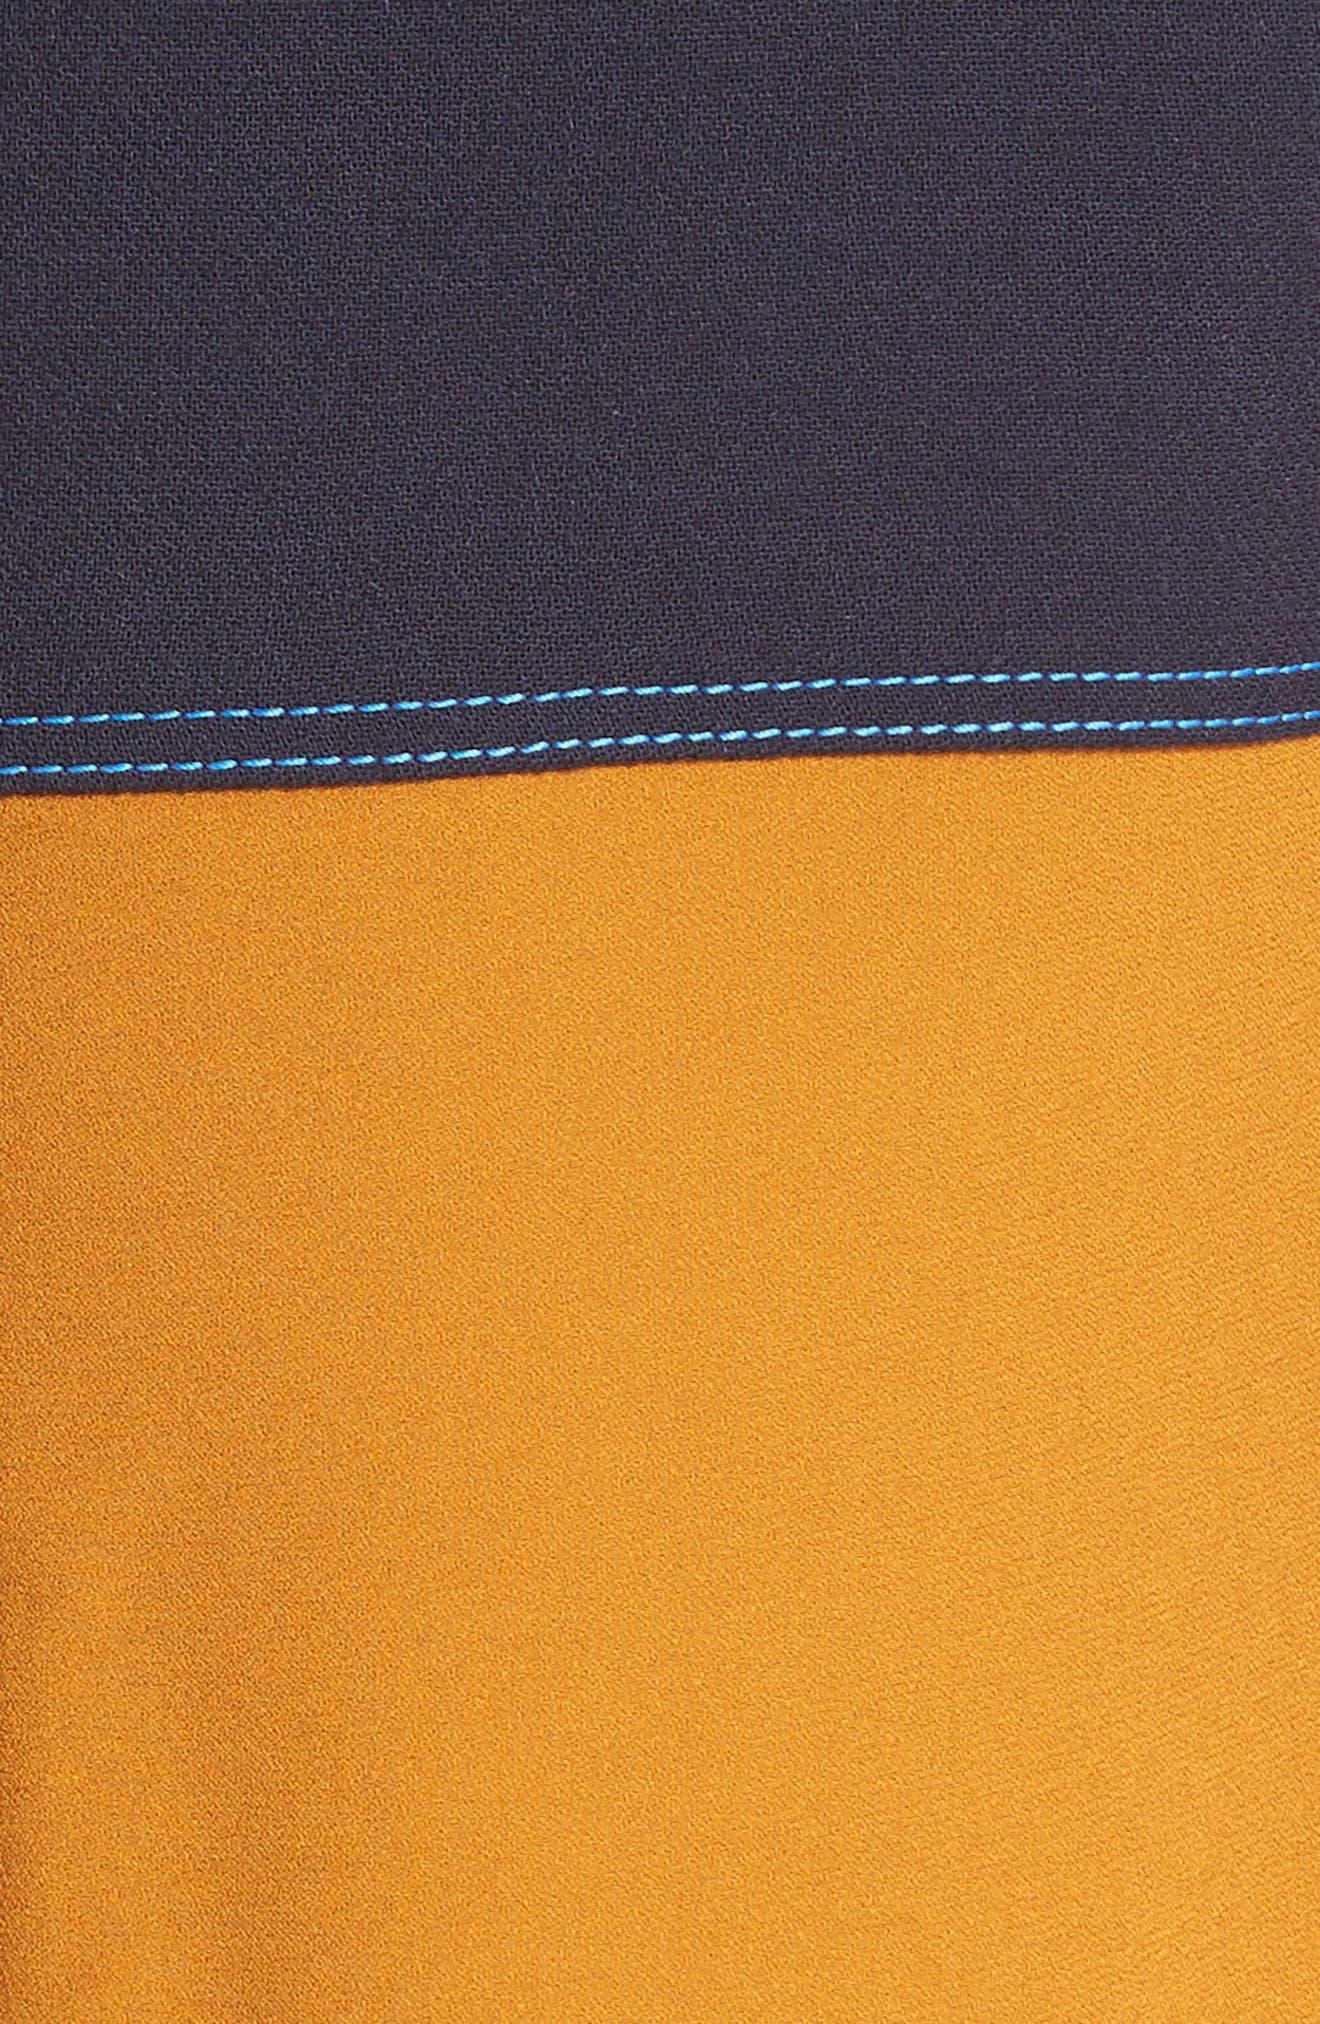 Colorblock Double Face Crepe Dress,                             Alternate thumbnail 5, color,                             009